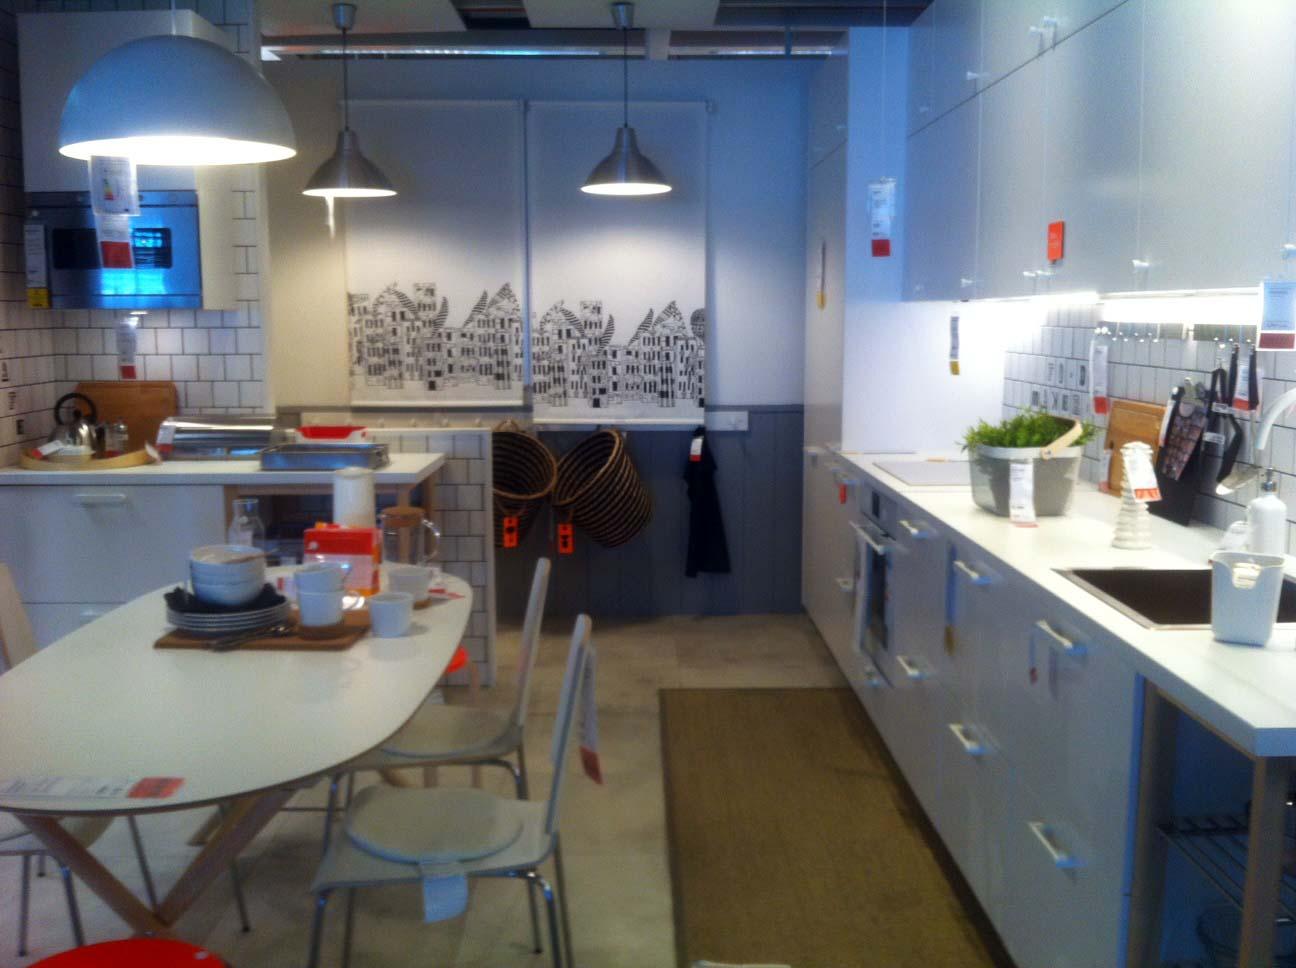 Bricolage e Decoração: Ideia para Cozinha com marquise do IKEA #644134 1296 968